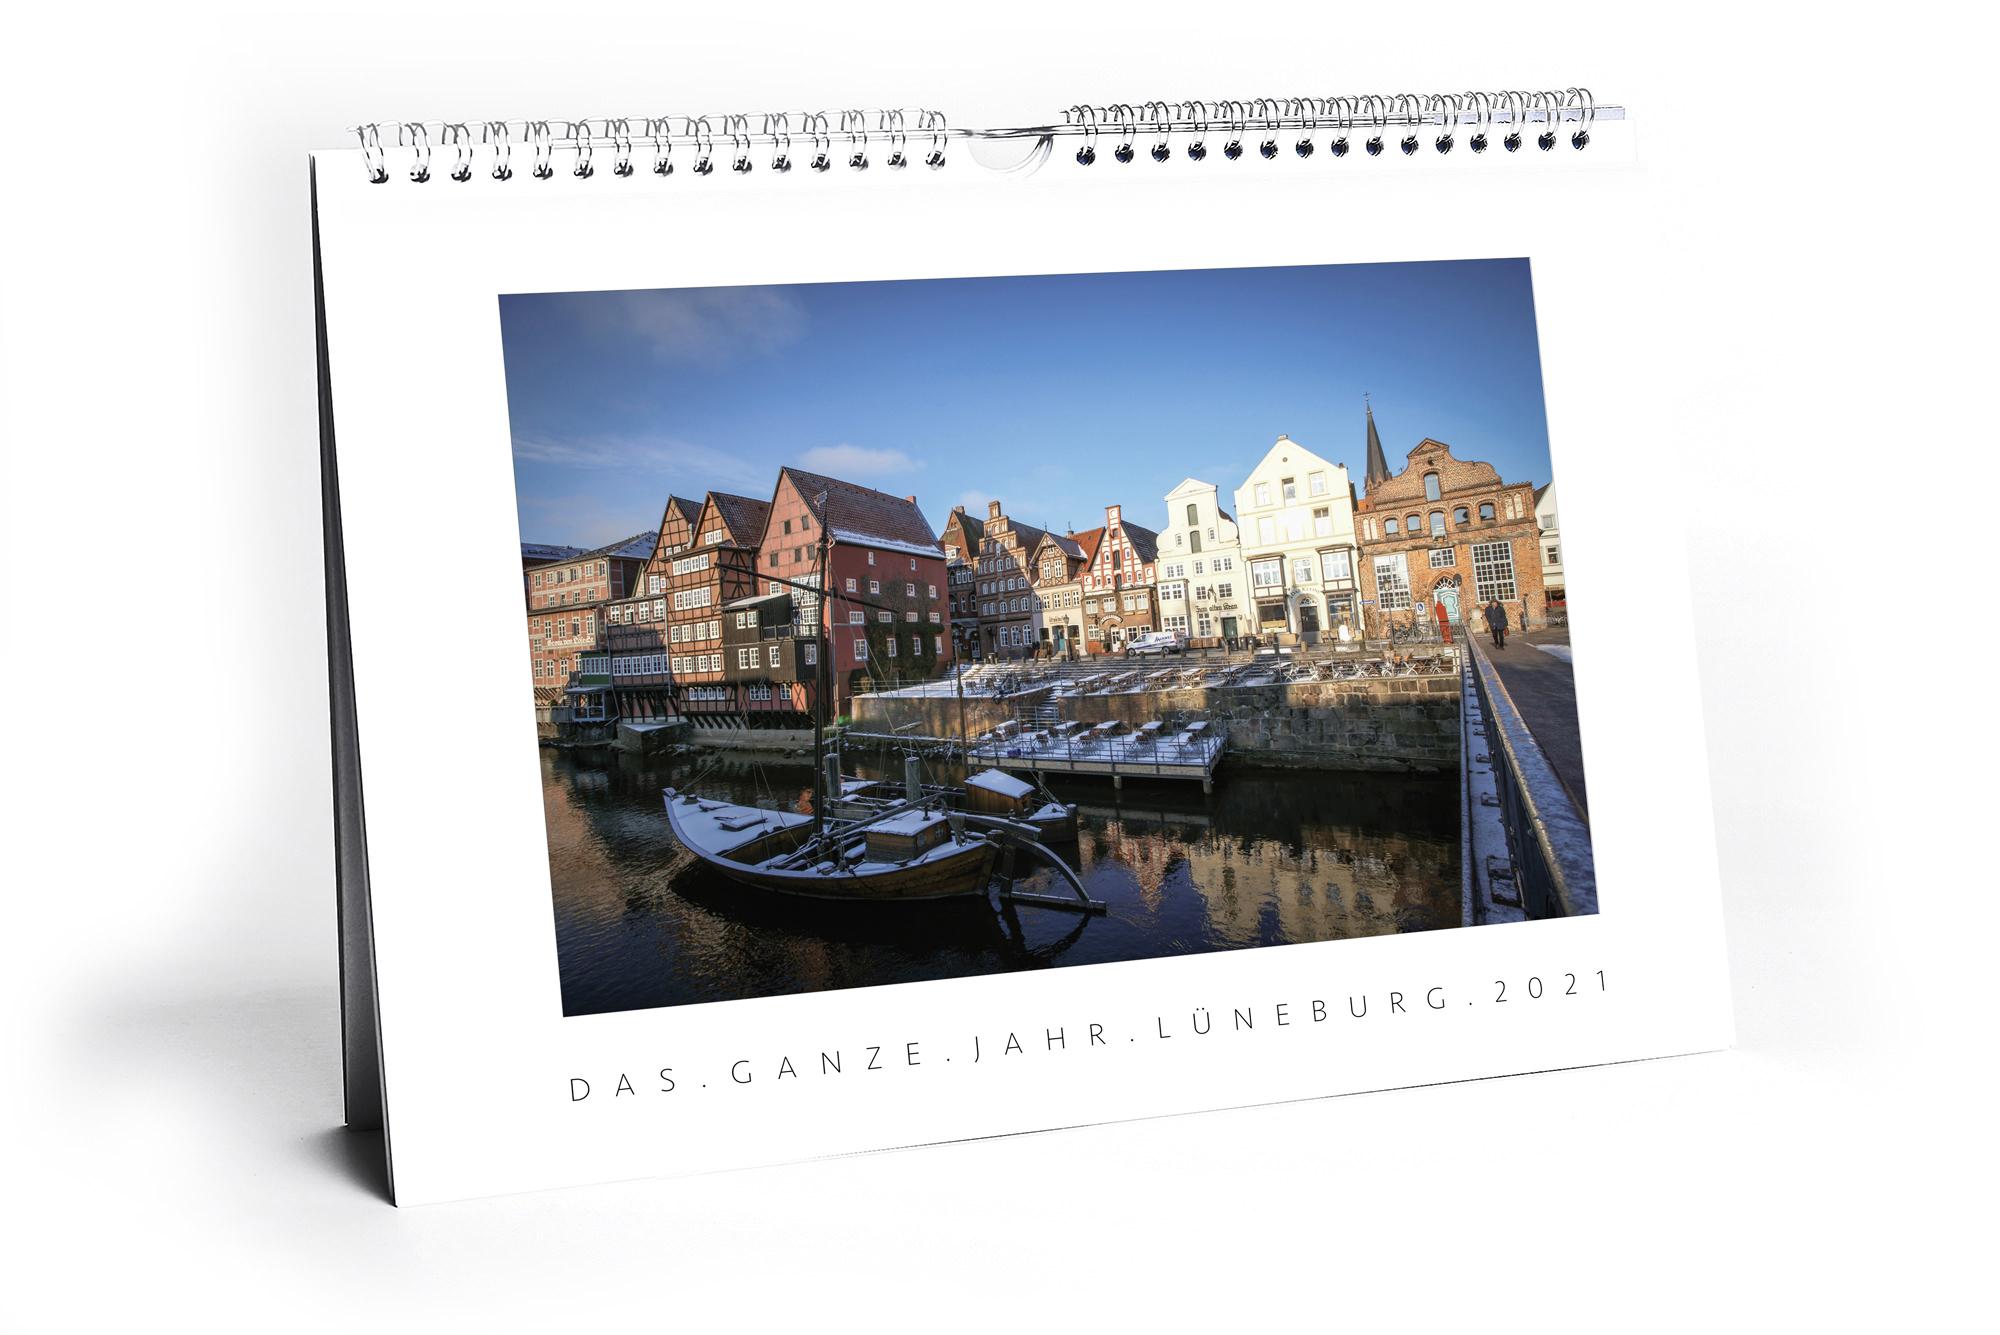 Das ganze Jahr Lüneburg 2021